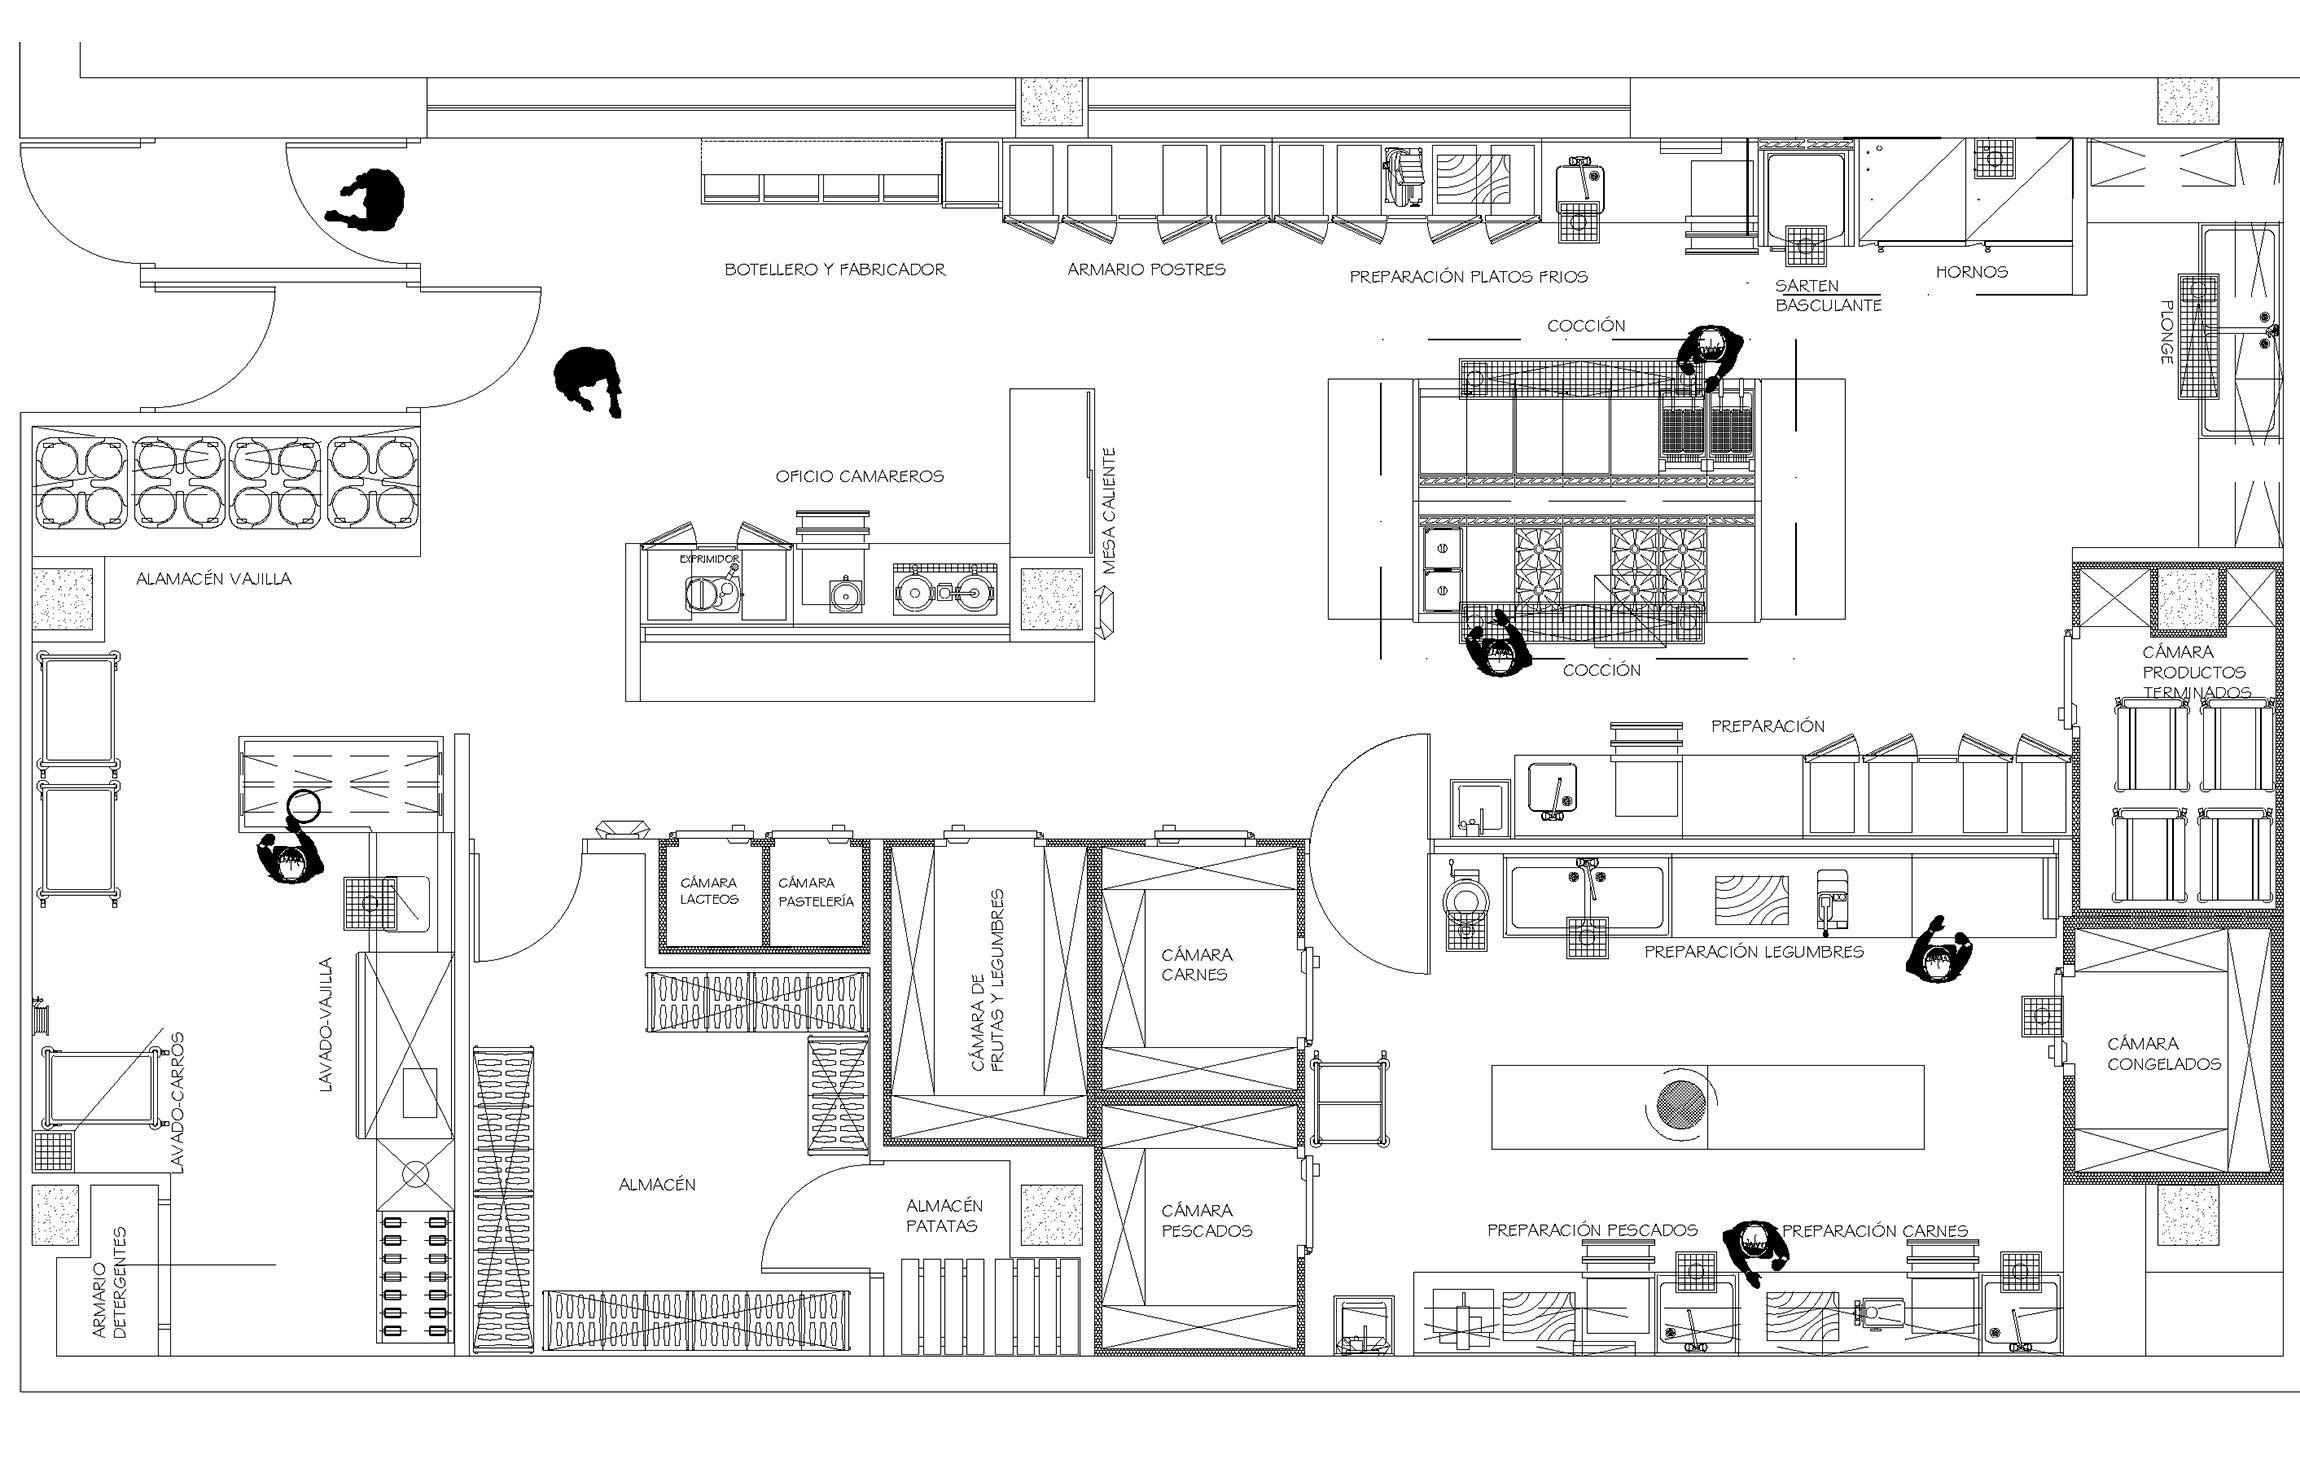 Distribuci N De Una Cocina Industrial Planos De Una Cocina Restaurante Diseño De Cocina De Restaurante Planos De Cocinas Restaurantes Planos